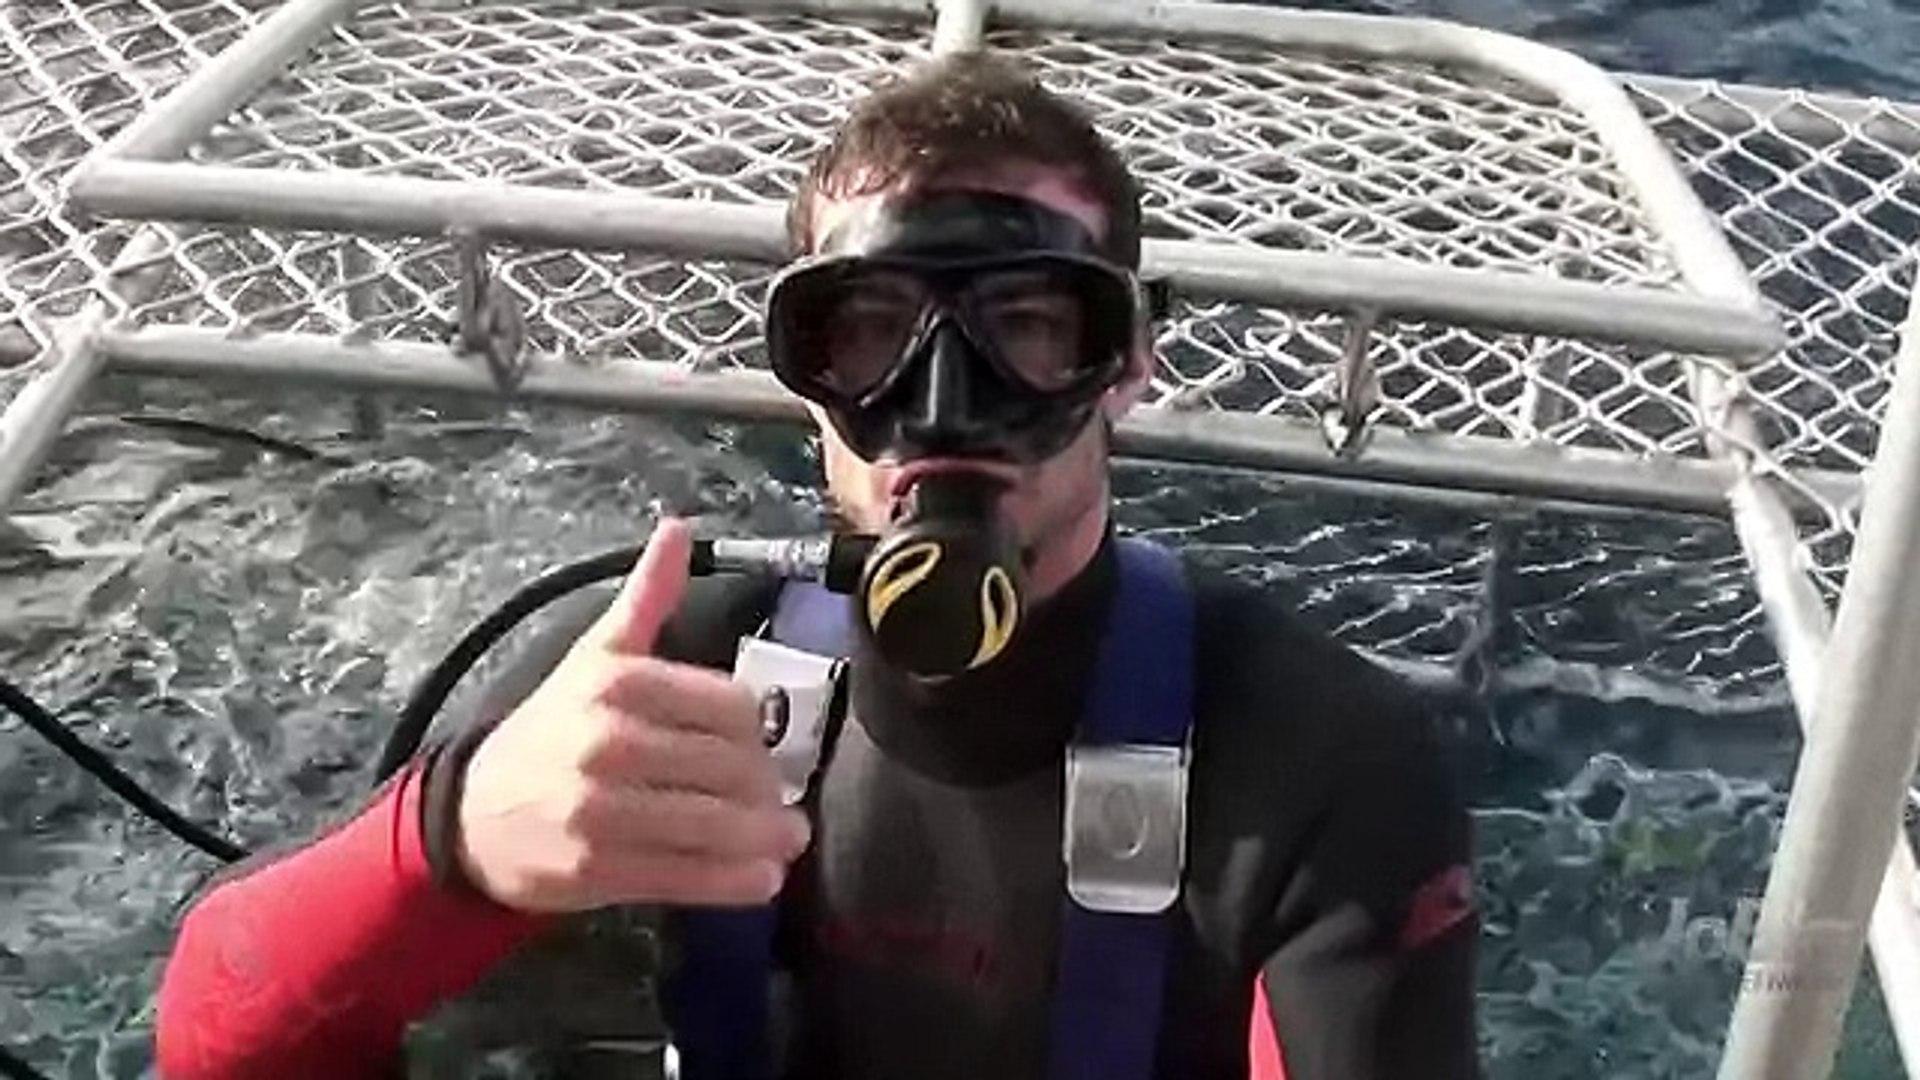 Açık Deniz 3 Kafes Dalışı izle | Open Water 3 Cage Dive izle 2017 Türkçe Altyazılı izle